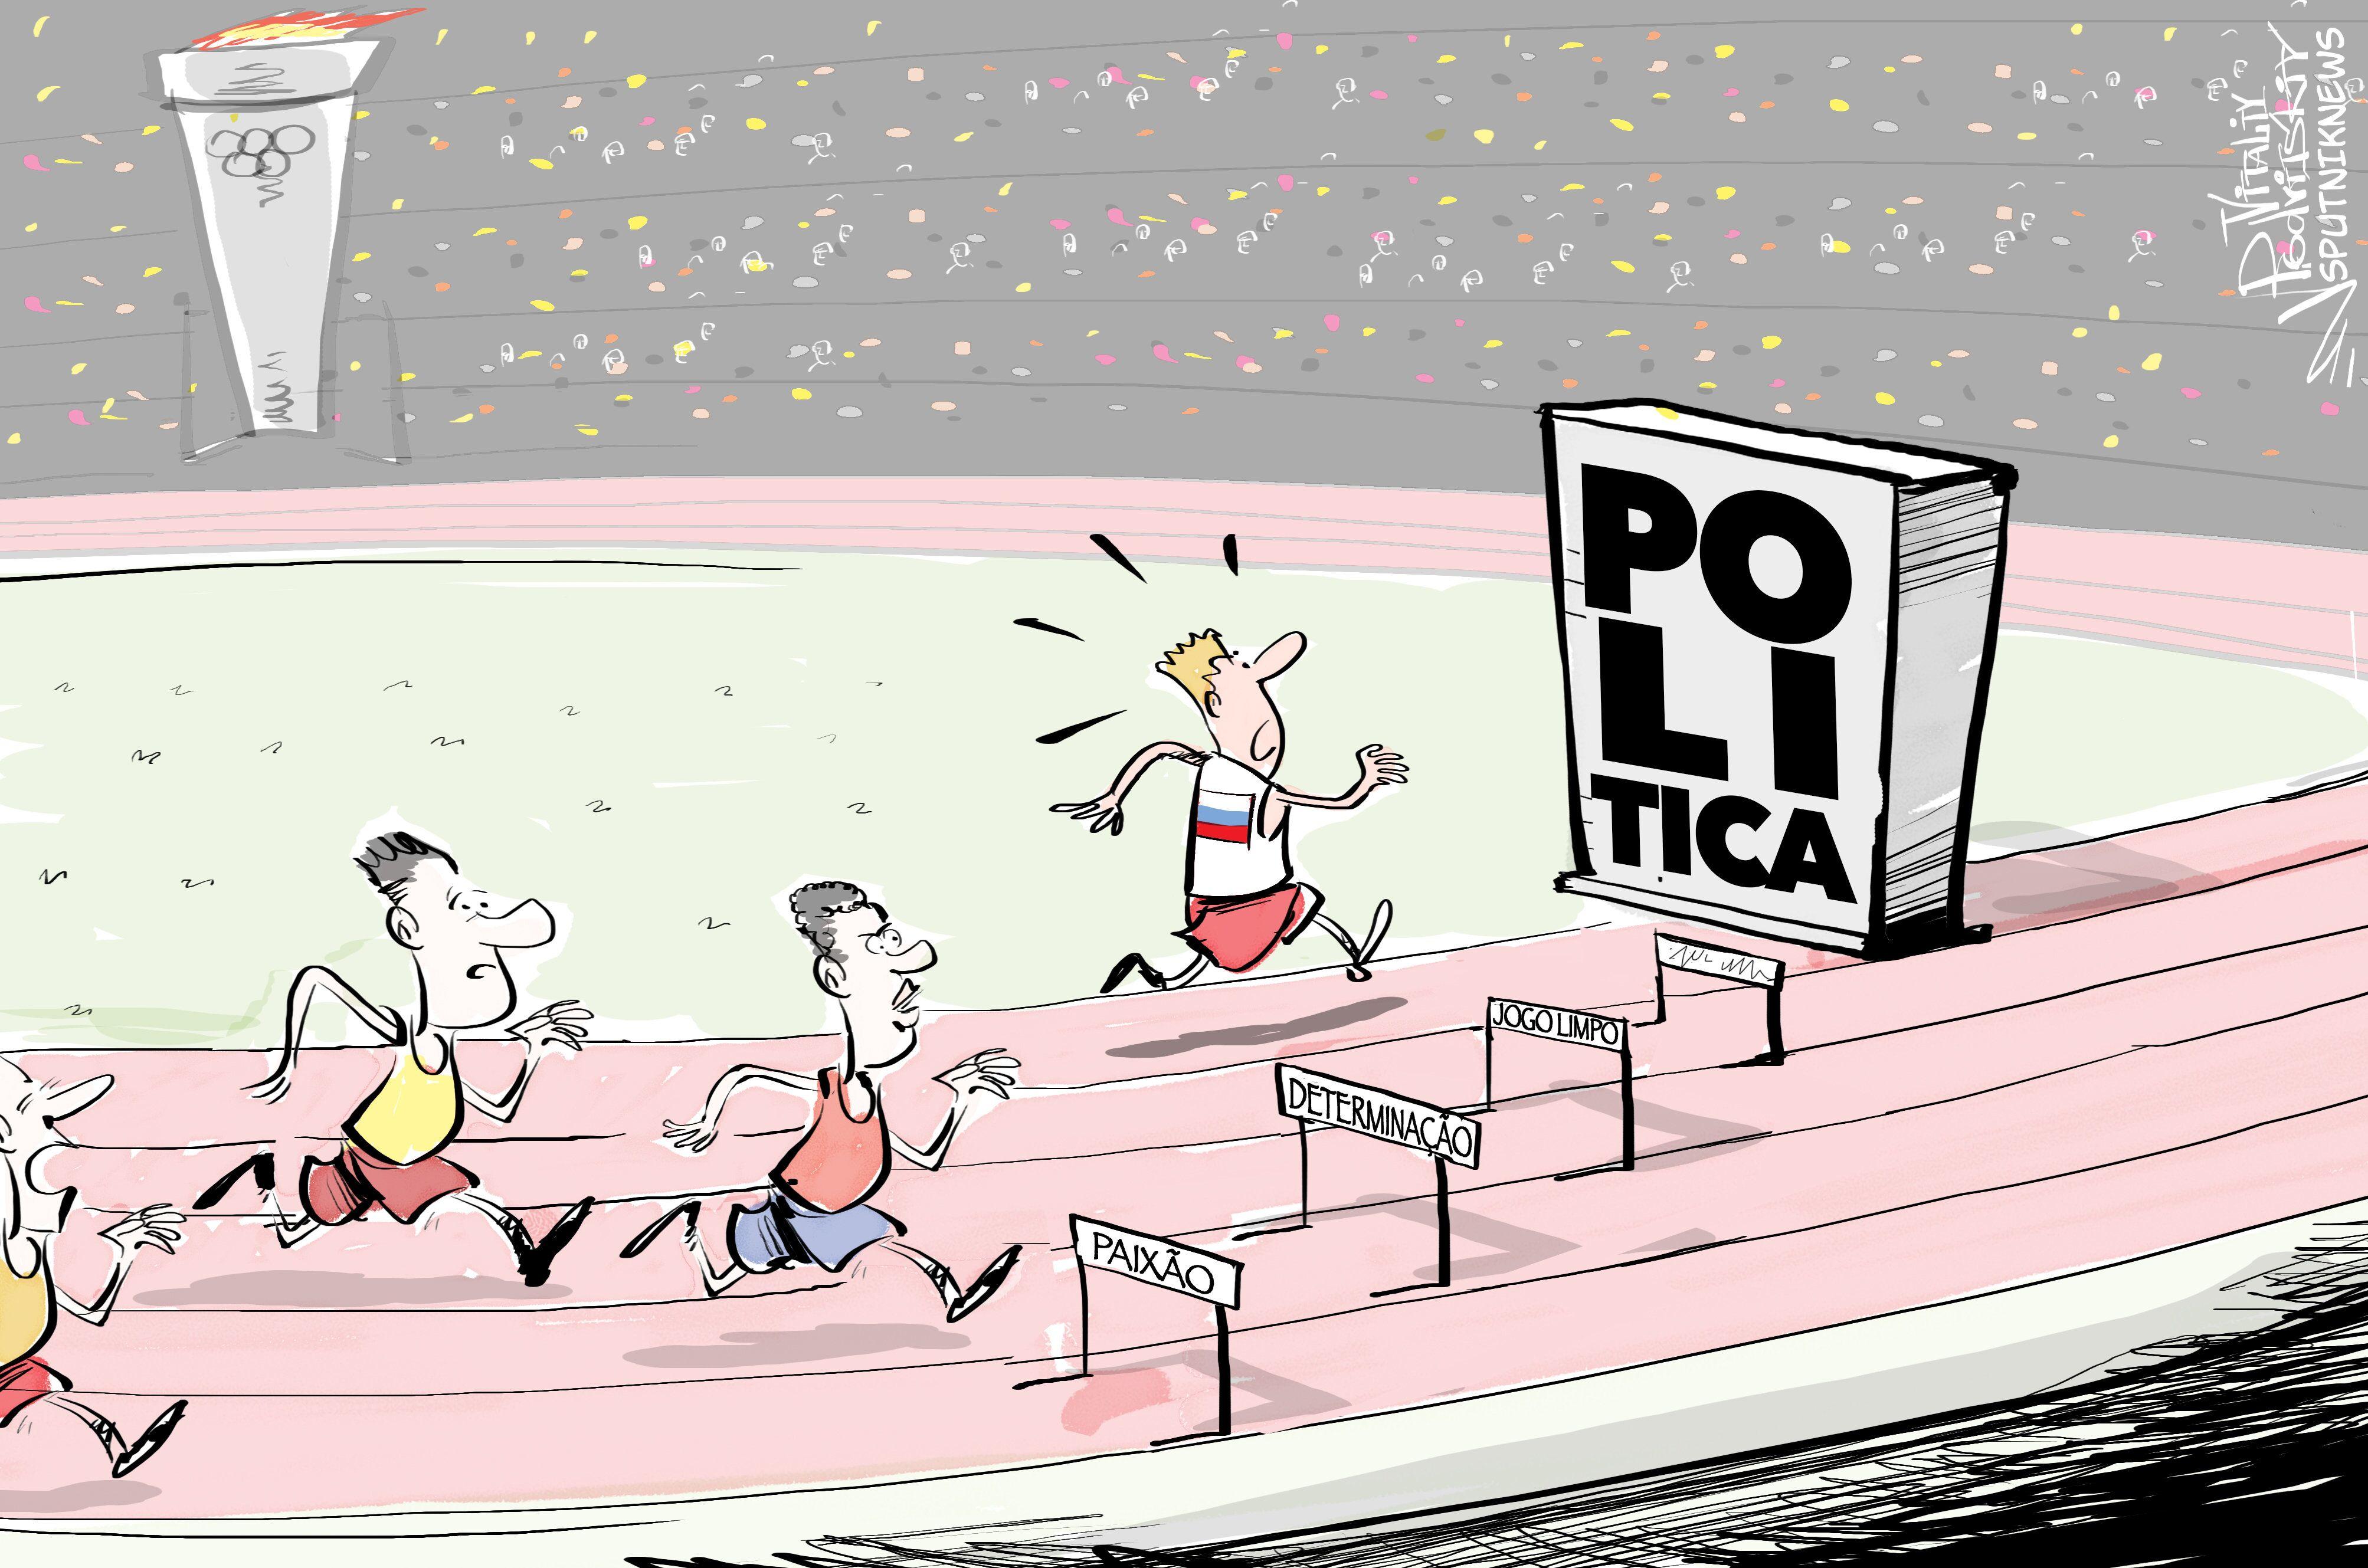 Atletas russos encontram obstáculos fora do comum a caminho do pódio